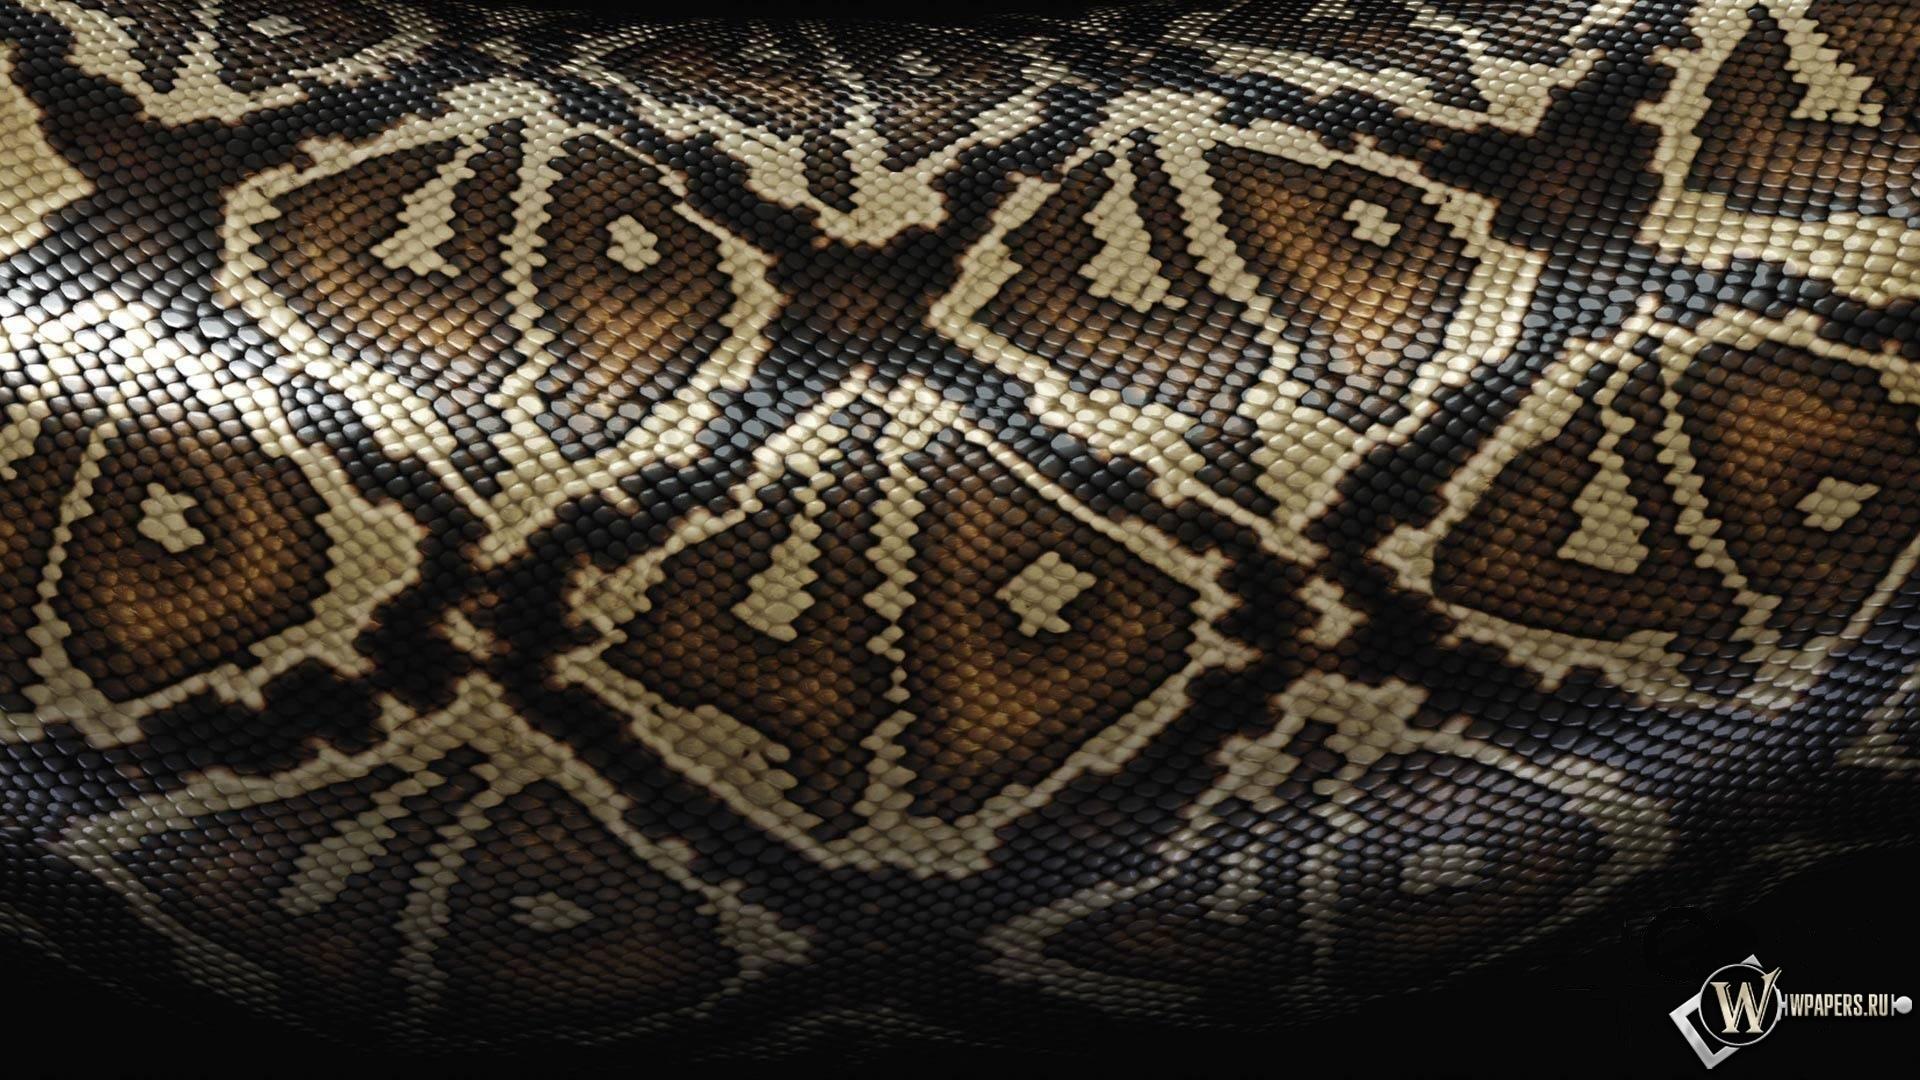 Змеиная шкура 1920x1080